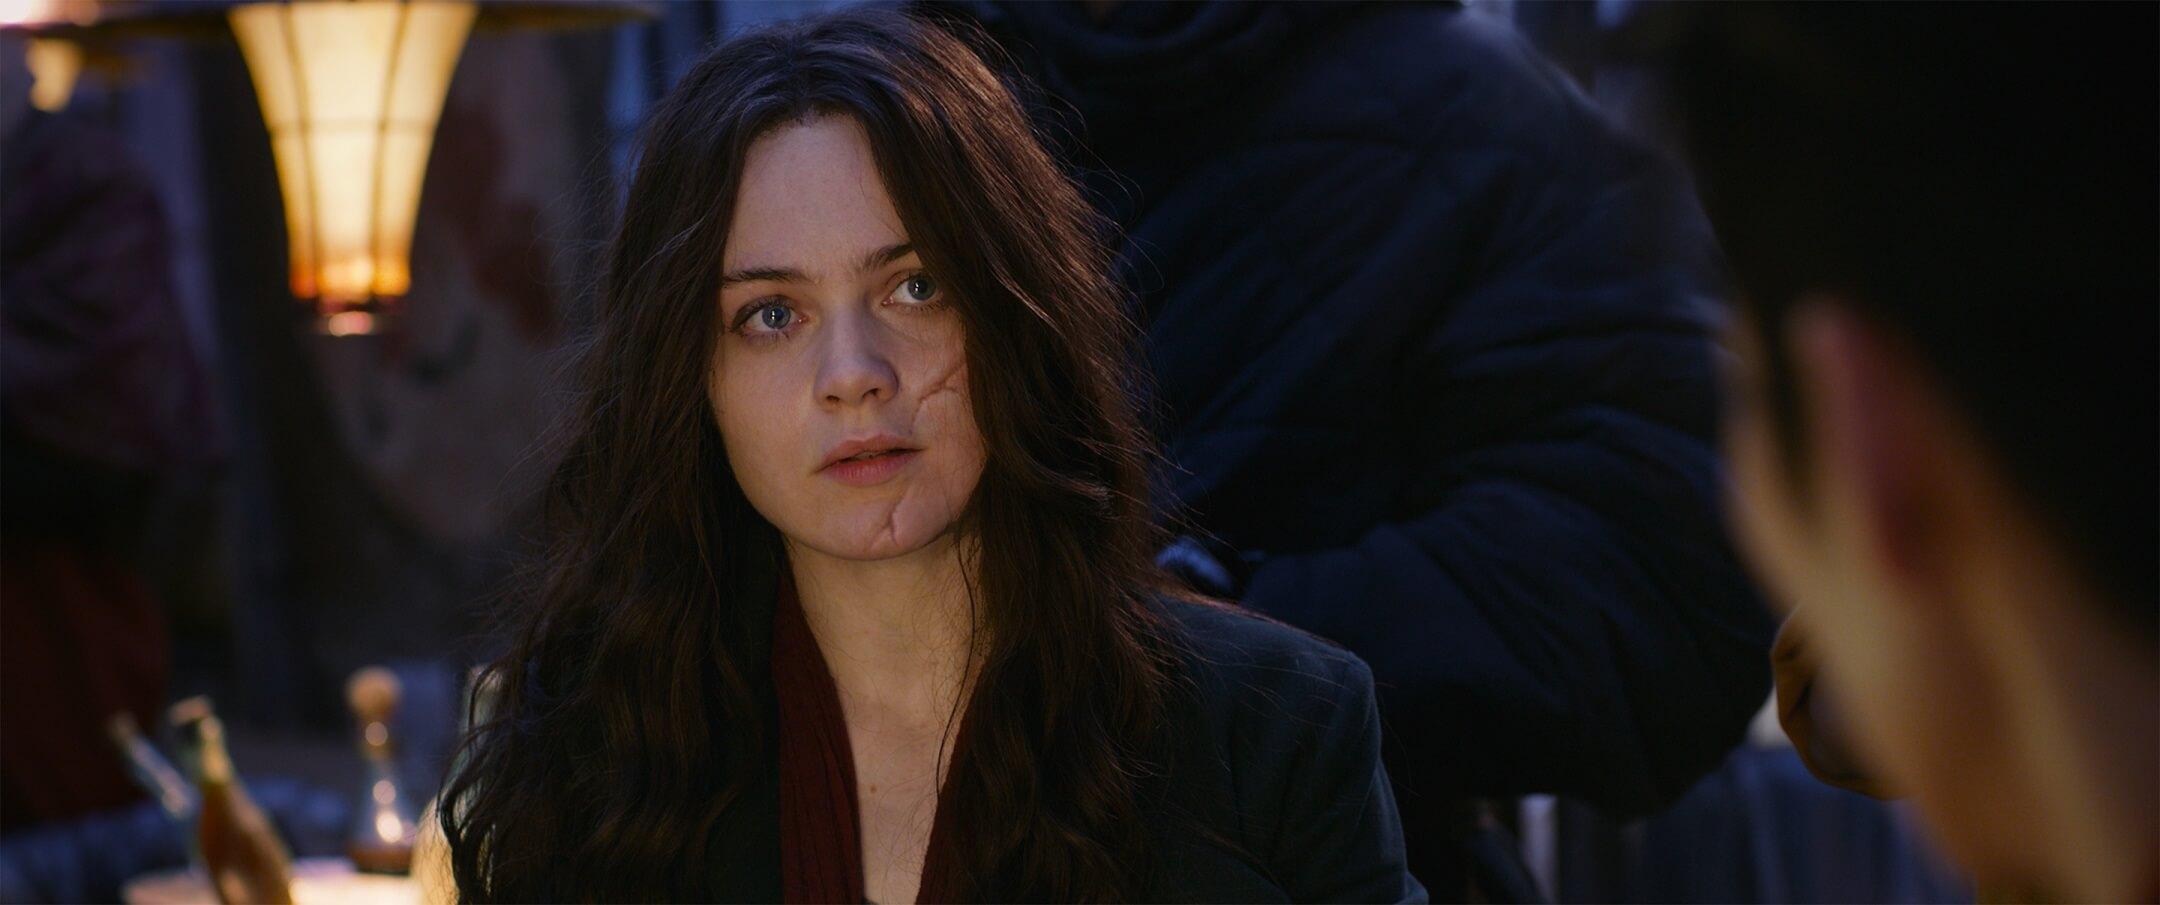 《 移動城市 : 致命引擎 》 劇照 女主角由 赫拉希爾馬 飾演,期待她在戲裡的演出。